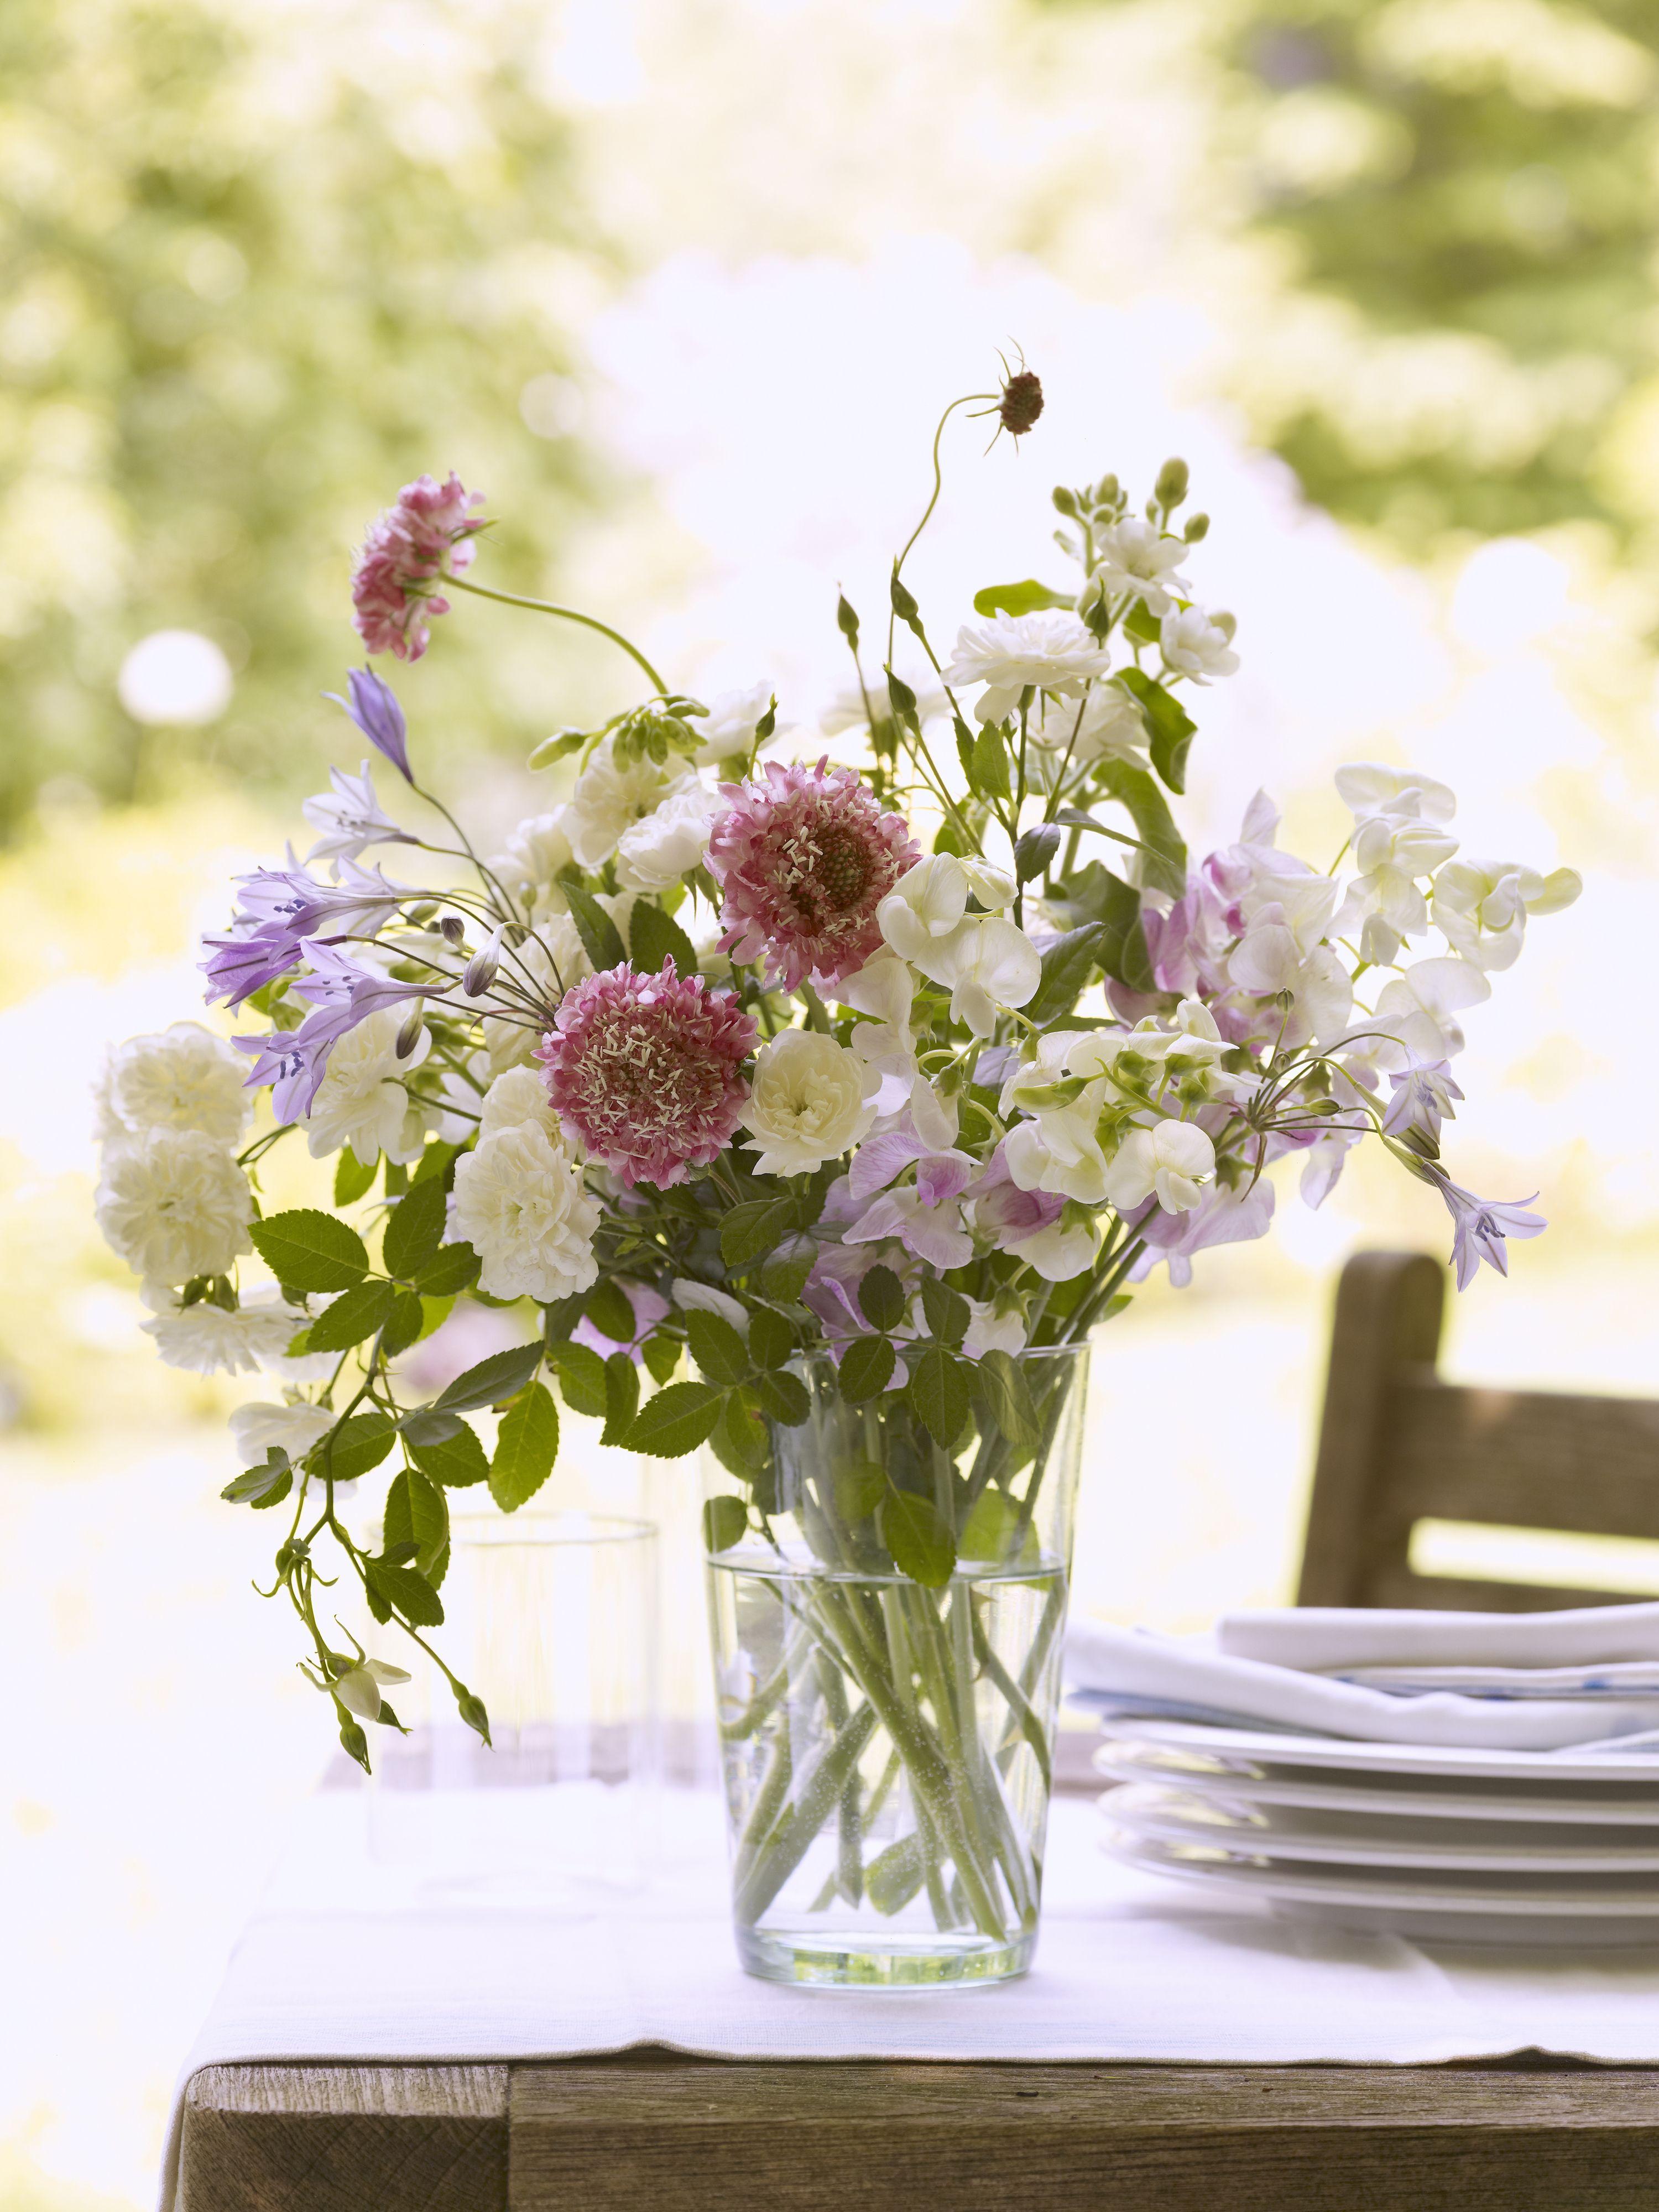 Health benefits of indoor plants how a bouquet of flowers affects health benefits of indoor plants how a bouquet of flowers affects your health izmirmasajfo